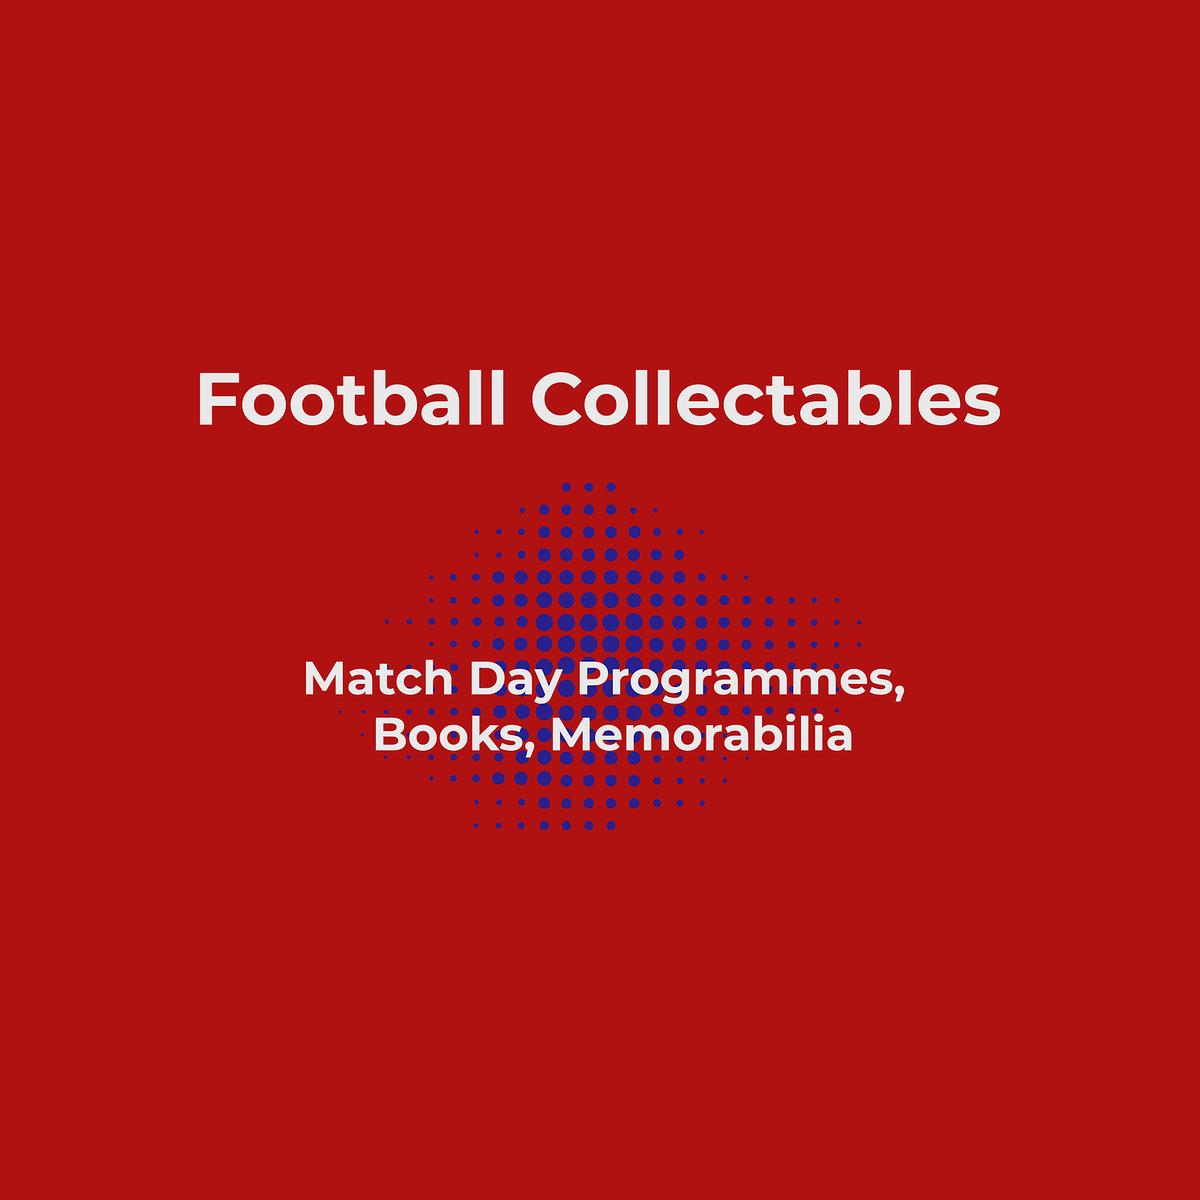 footballcollectablesuk